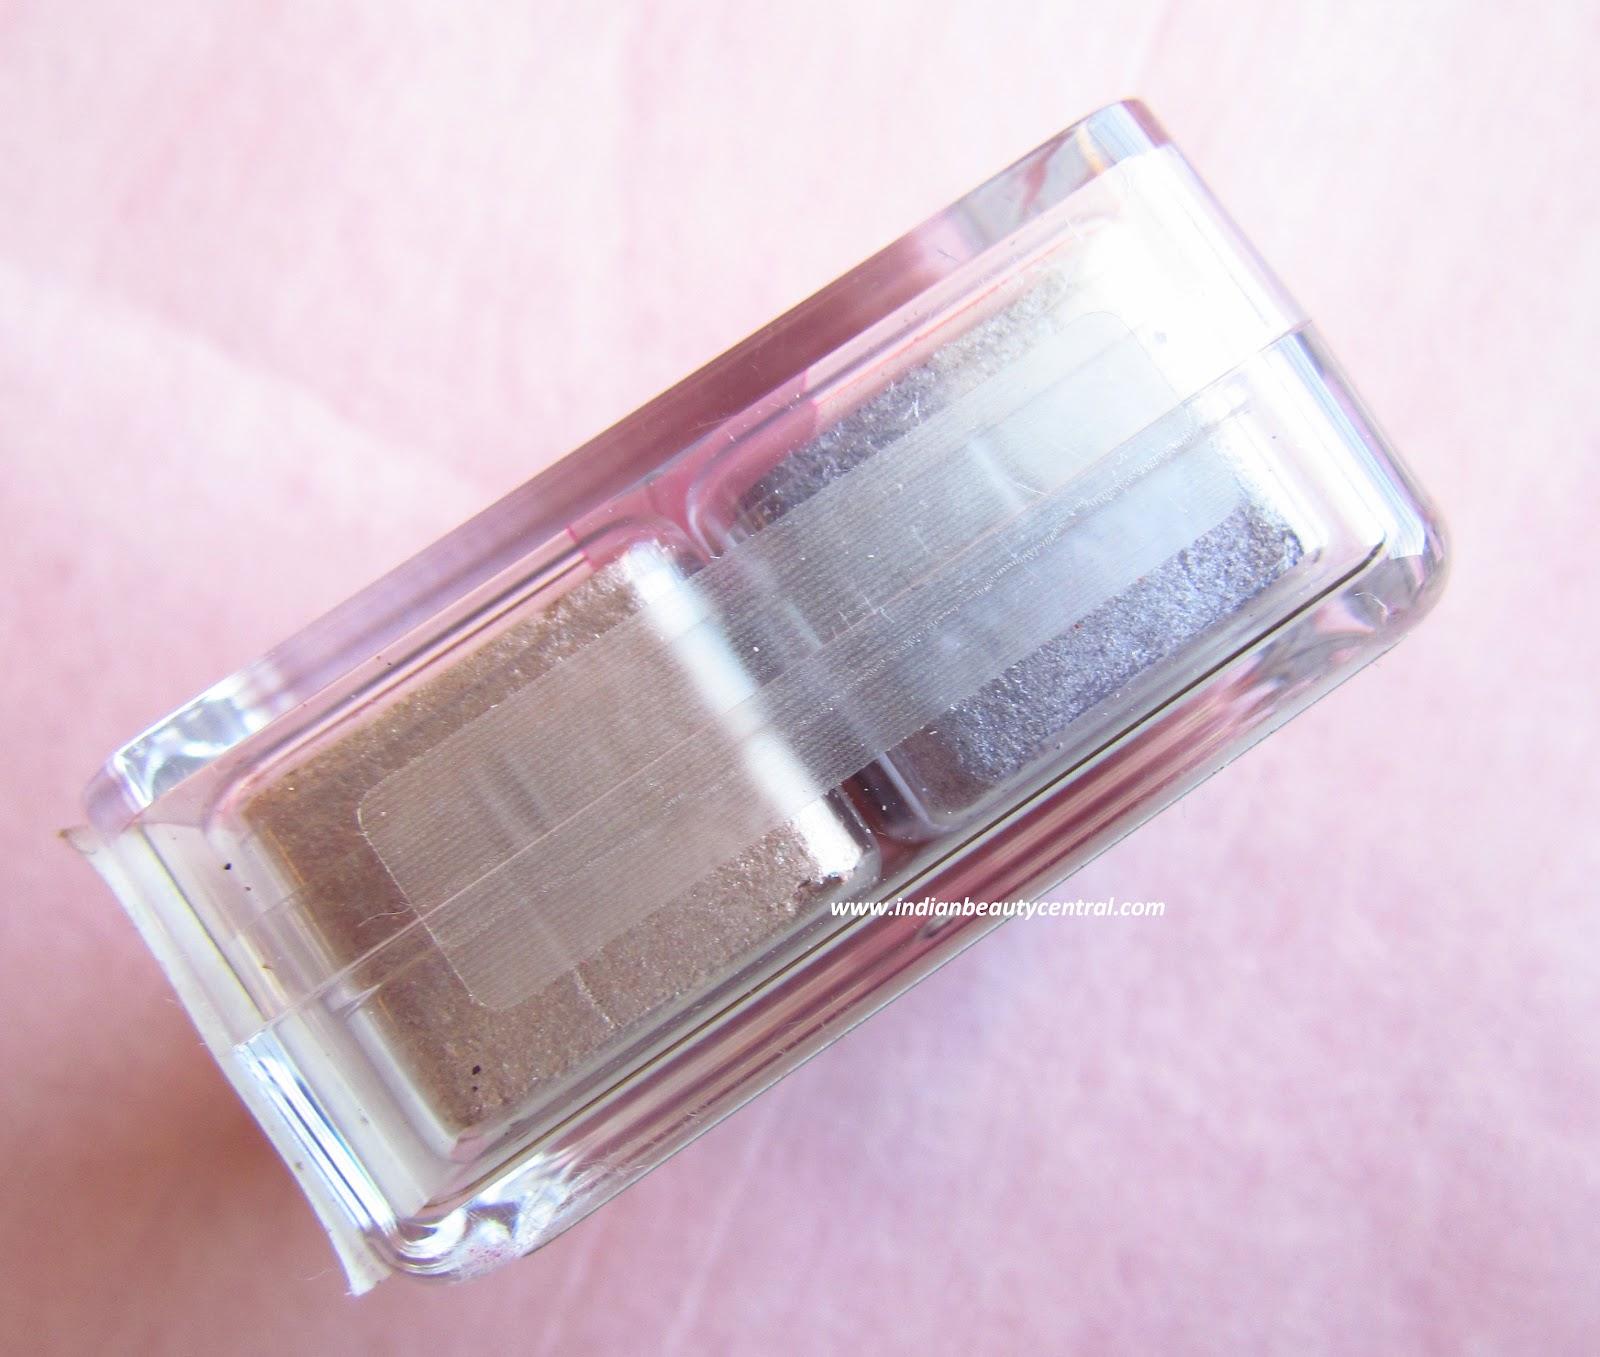 http://2.bp.blogspot.com/-BEIy-mcJY7U/UE91g6o5RJI/AAAAAAAAJQI/8dzN9HqqW7Y/s1600/The+Boy+Shop+Lily+Cole+Giveaway+4.jpg